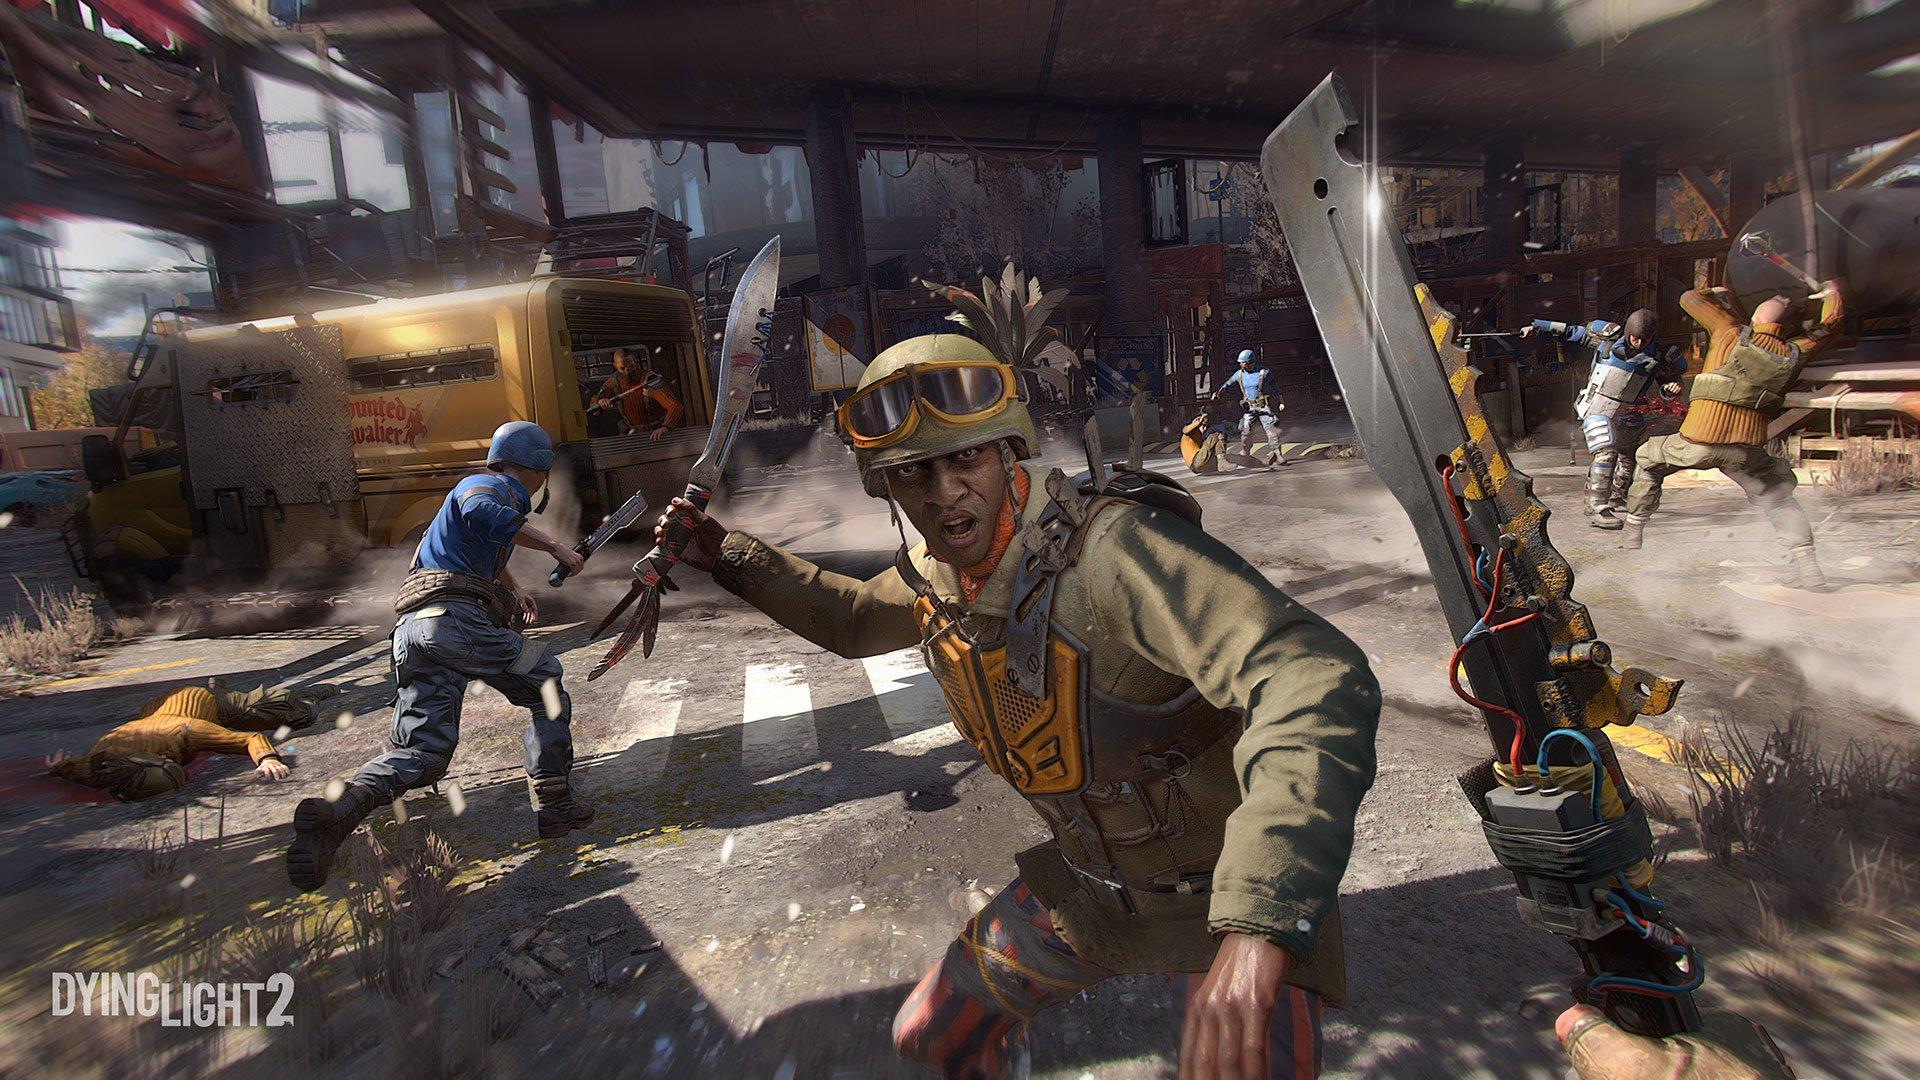 Dying Light 2, impresiones de uno de los juegos más premiados del E3 2019 |  E3 2019 - Todos los juegos y conferencias de la feria - HobbyConsolas Juegos